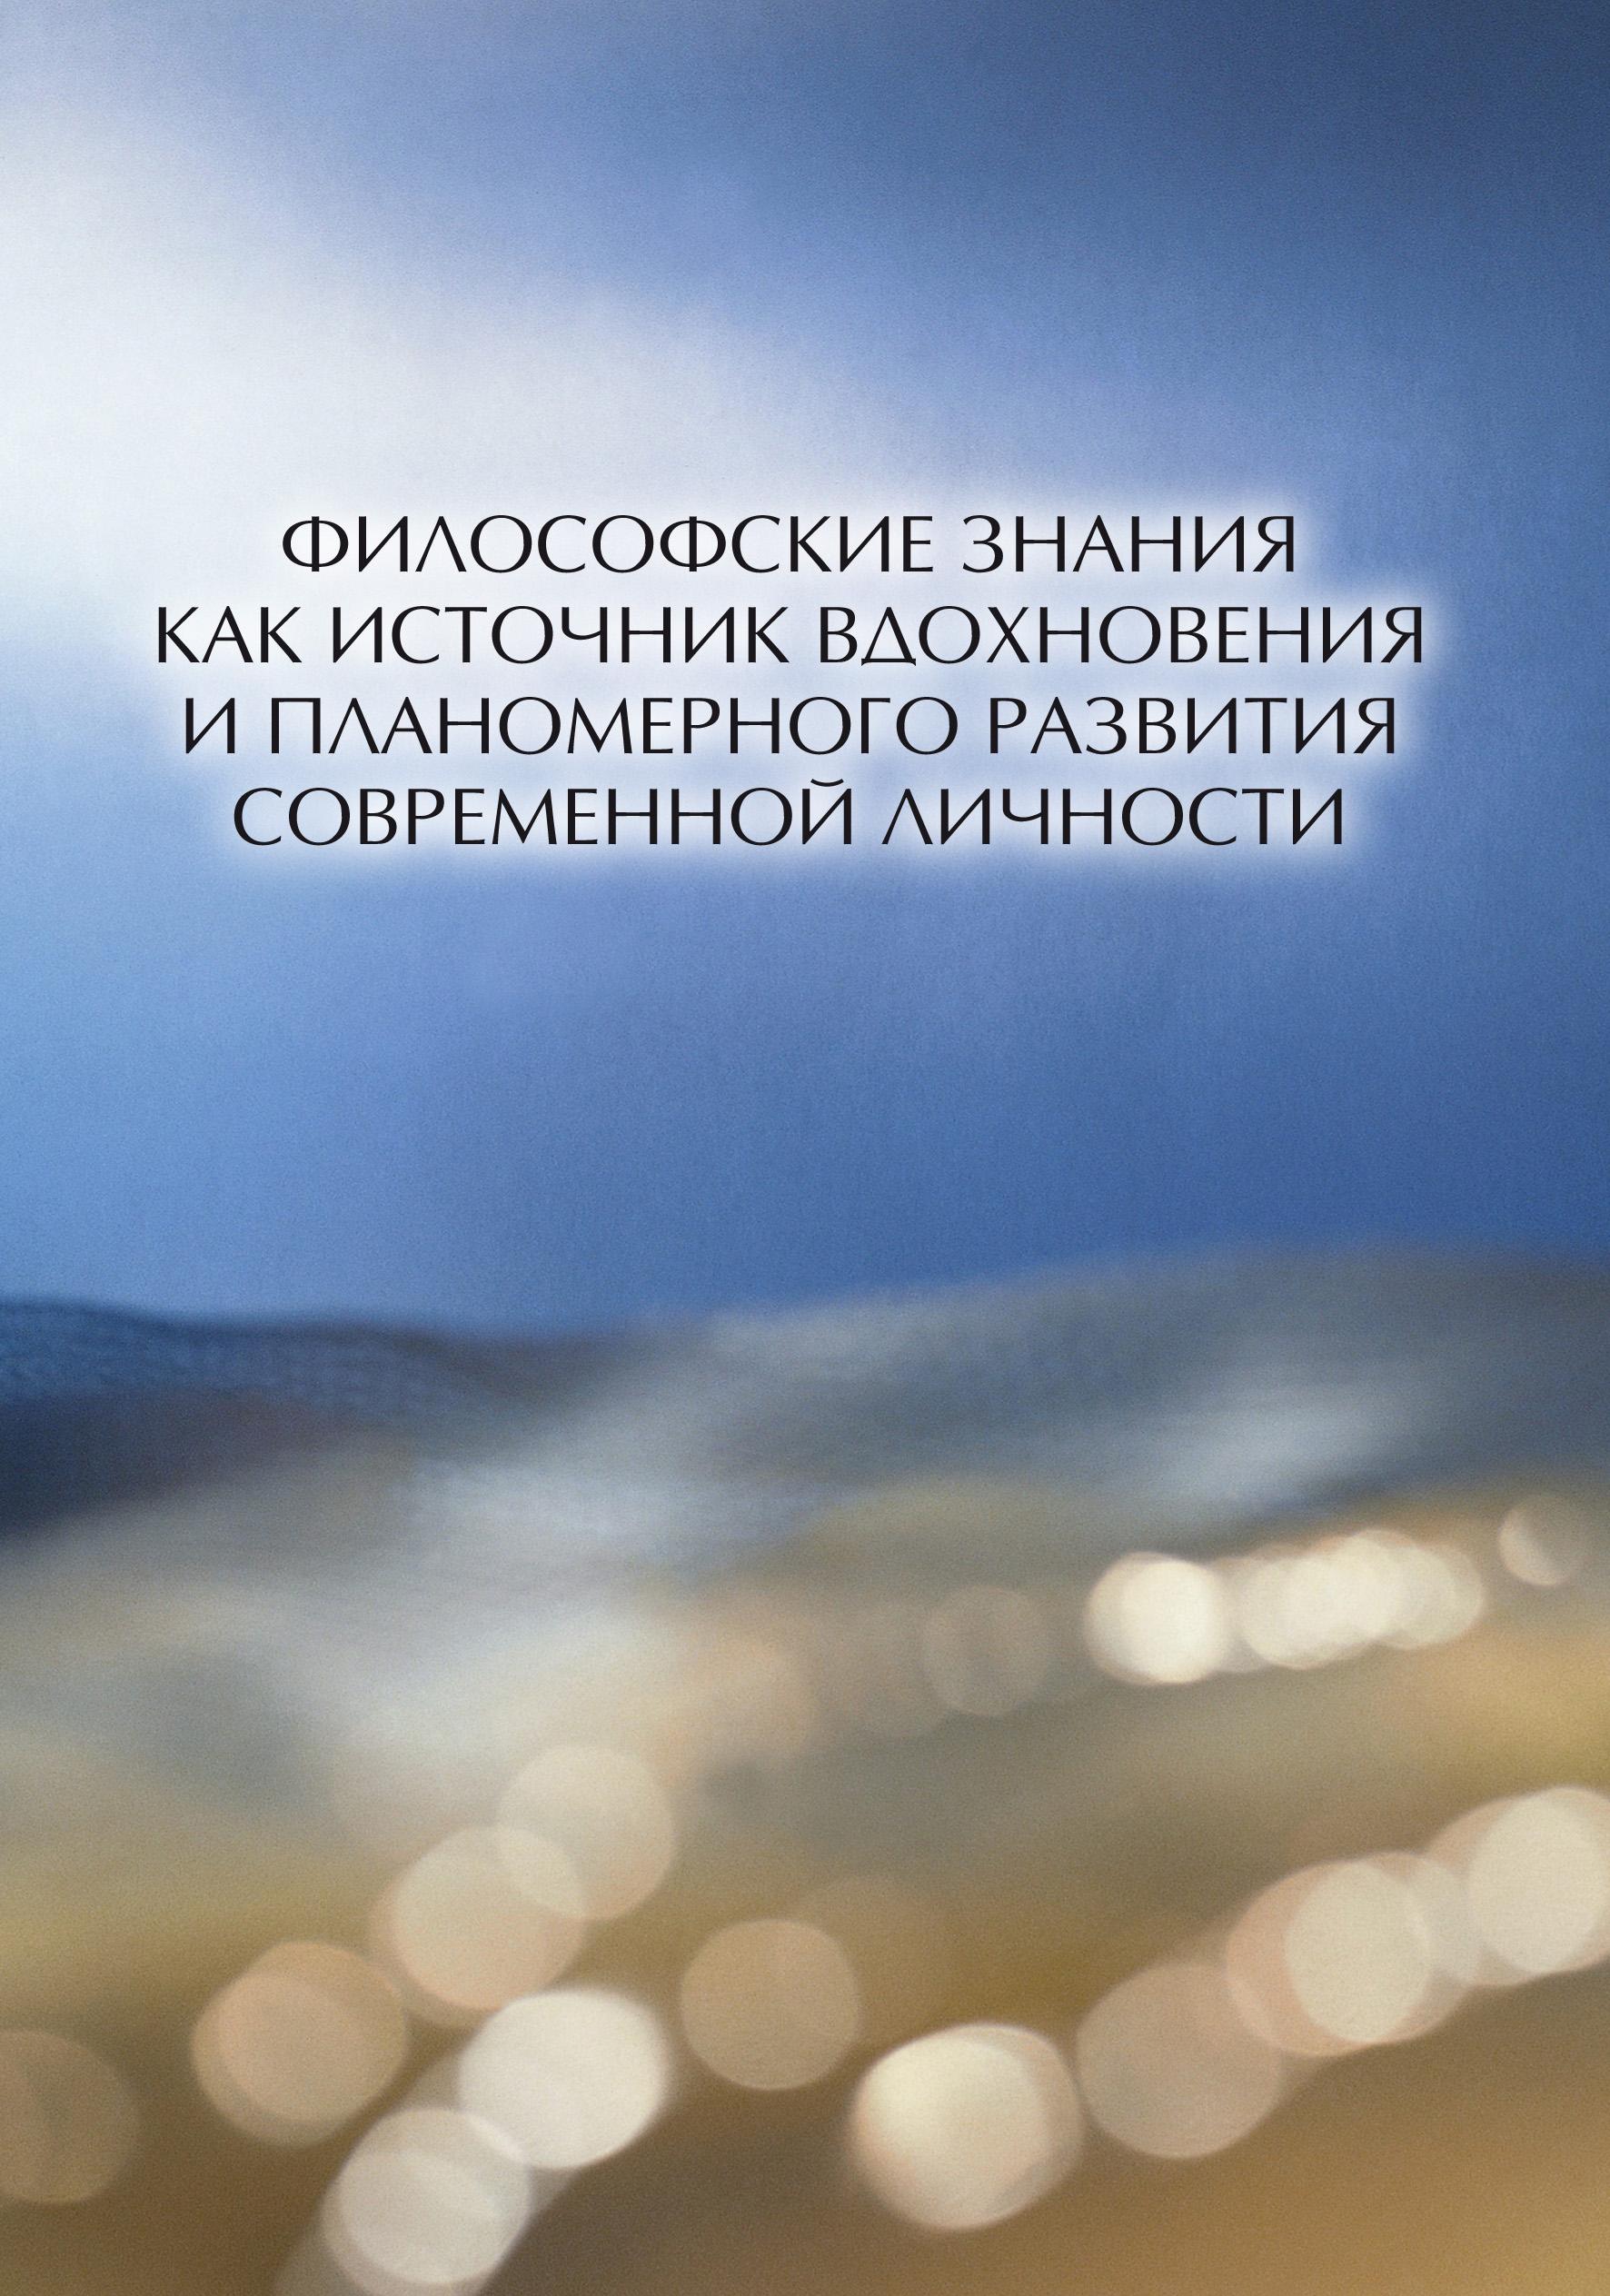 цена на Коллектив авторов Философские знания как источник вдохновения и планомерного развития современной личности (сборник)